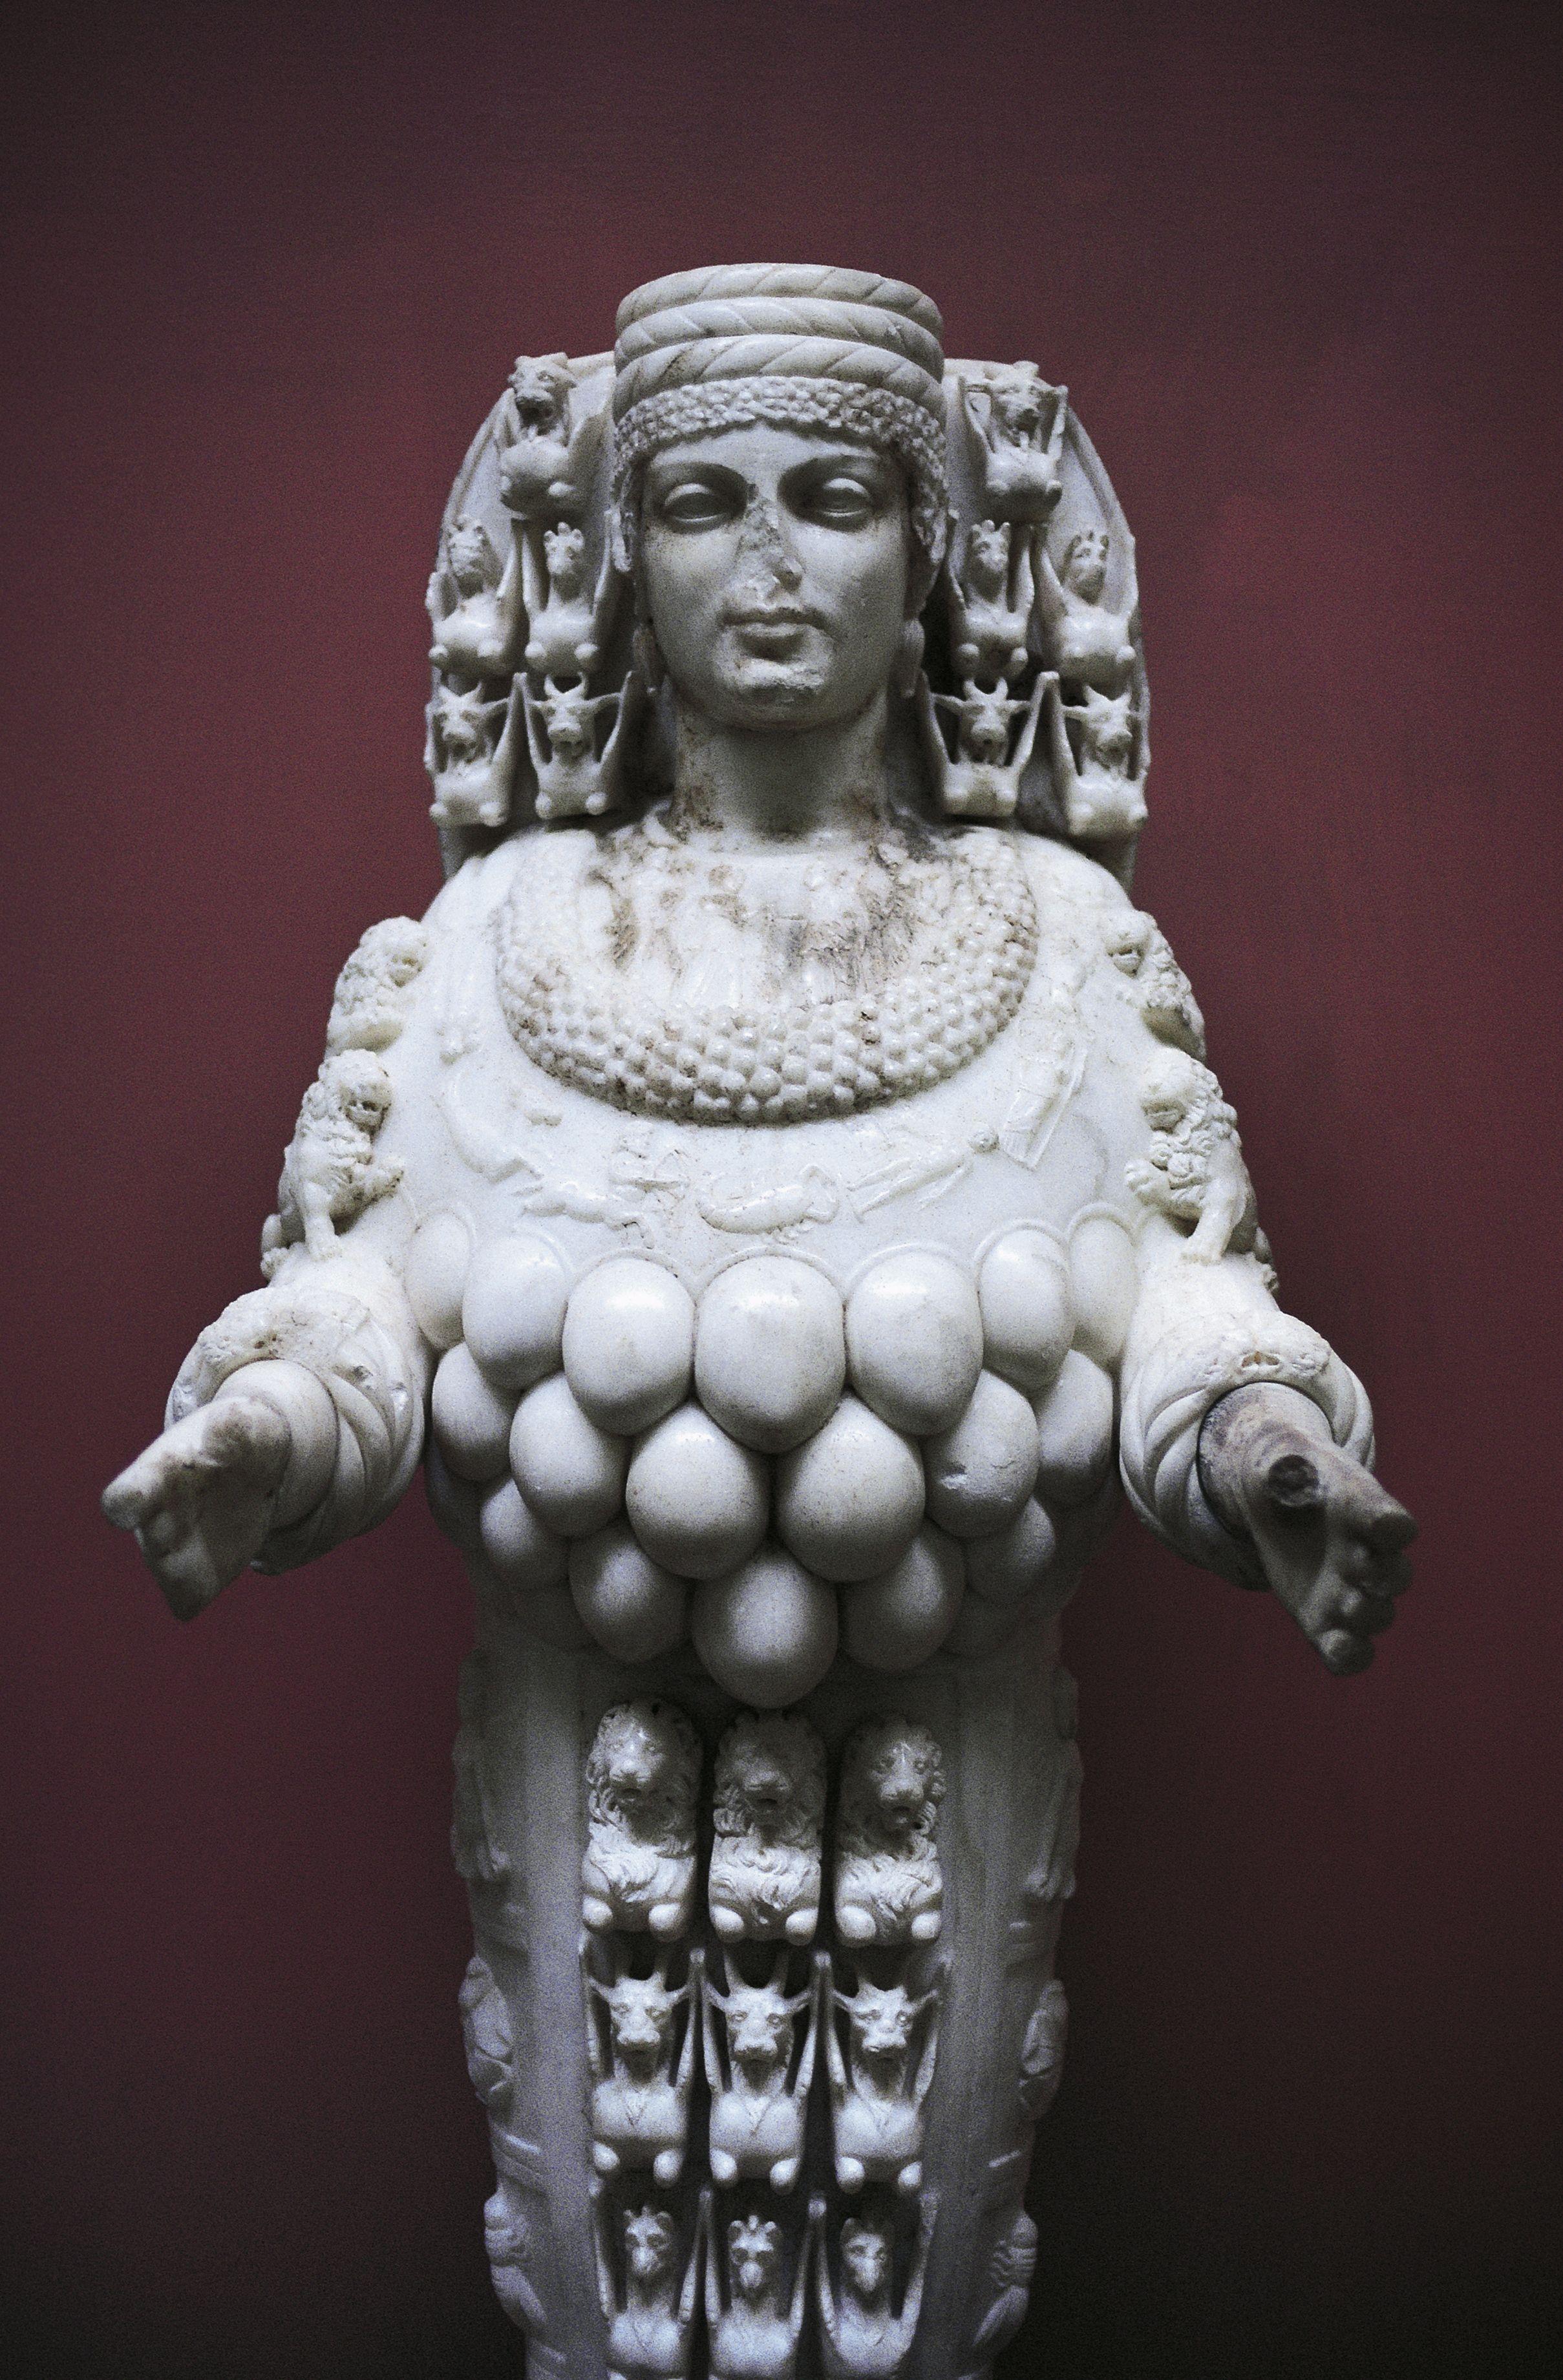 A replica of the statue of Artemis at Ephesus